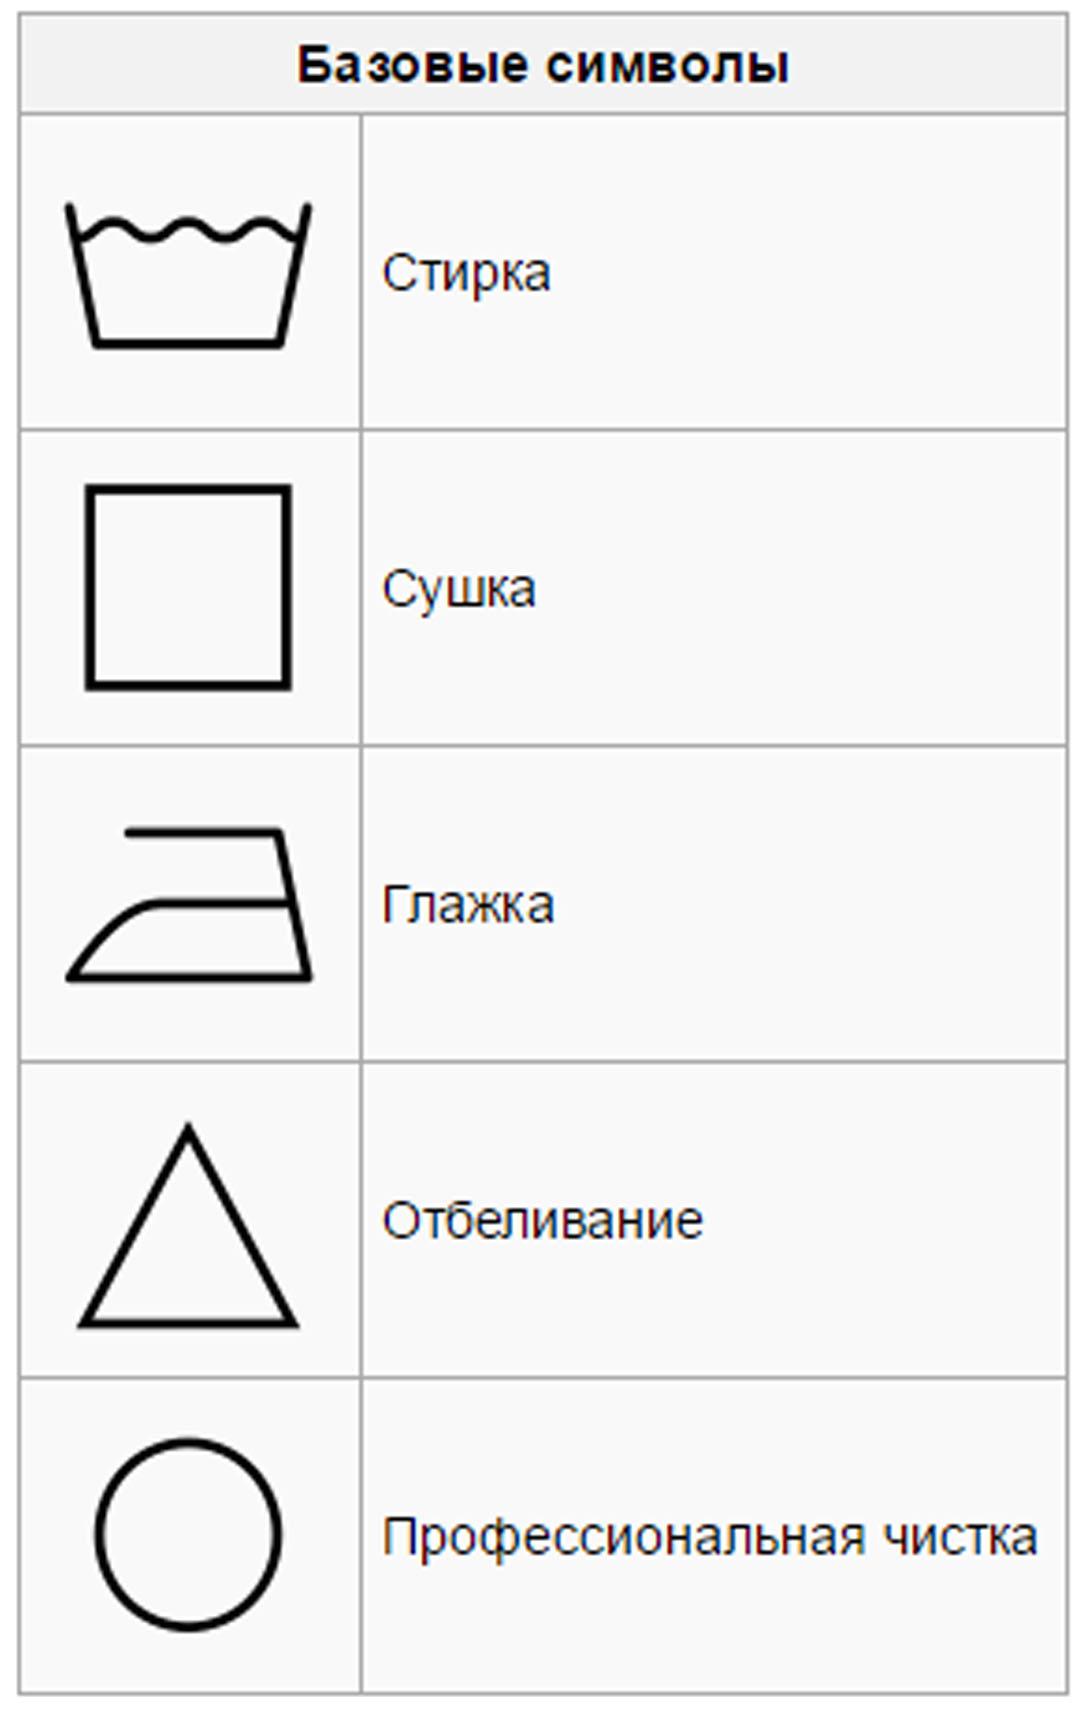 символы на ярлыке